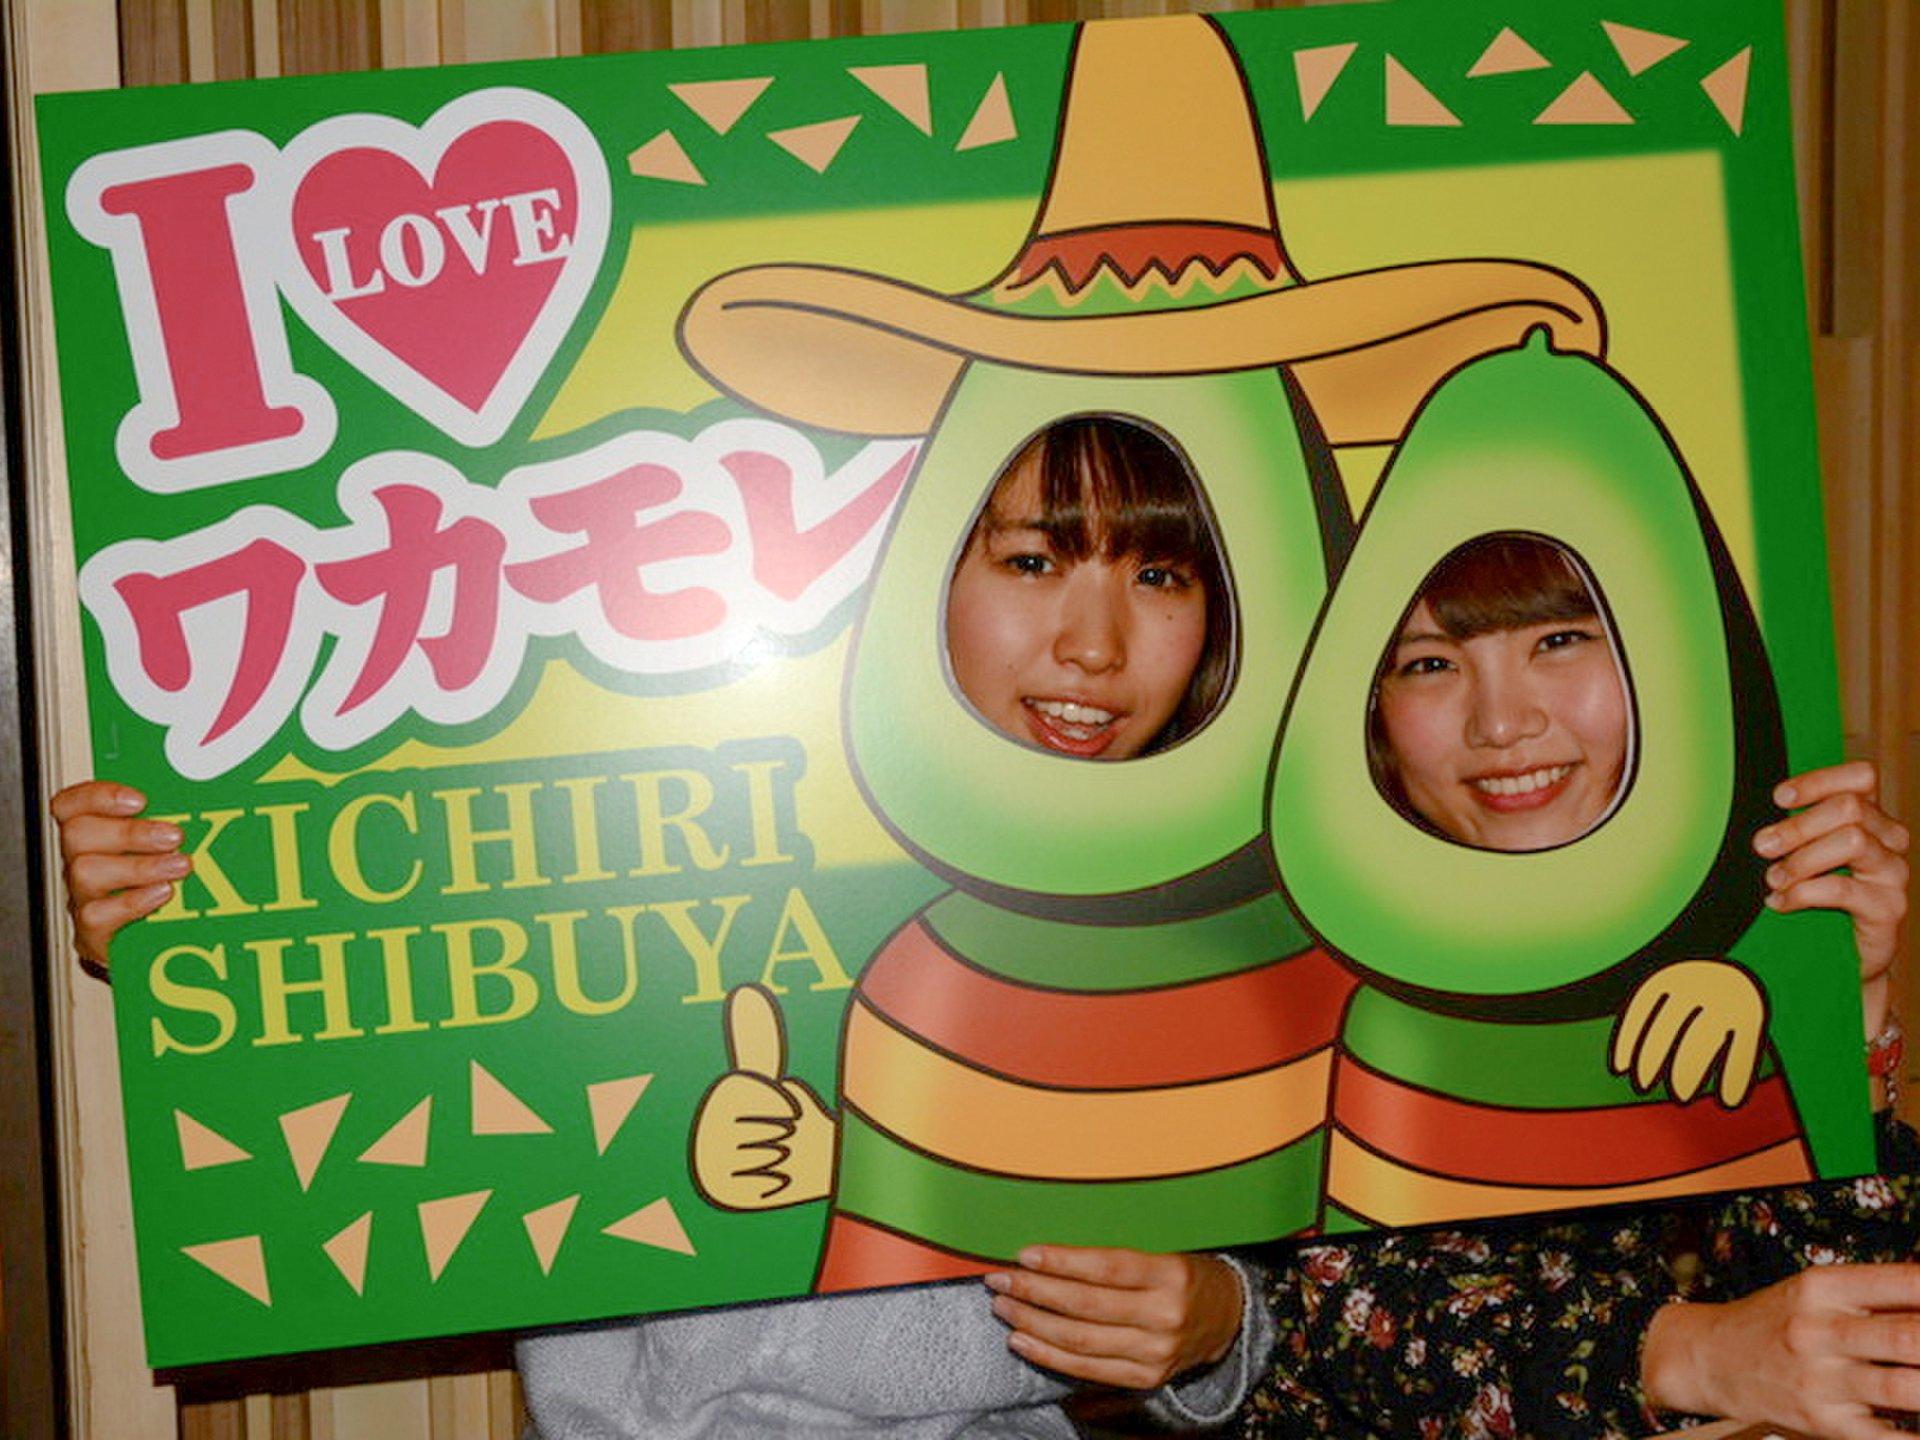 【世界一栄養価の高い森のバター】アボカドで身体の中から綺麗を目指そう!東京都内の美味しいアボカド専門店♡